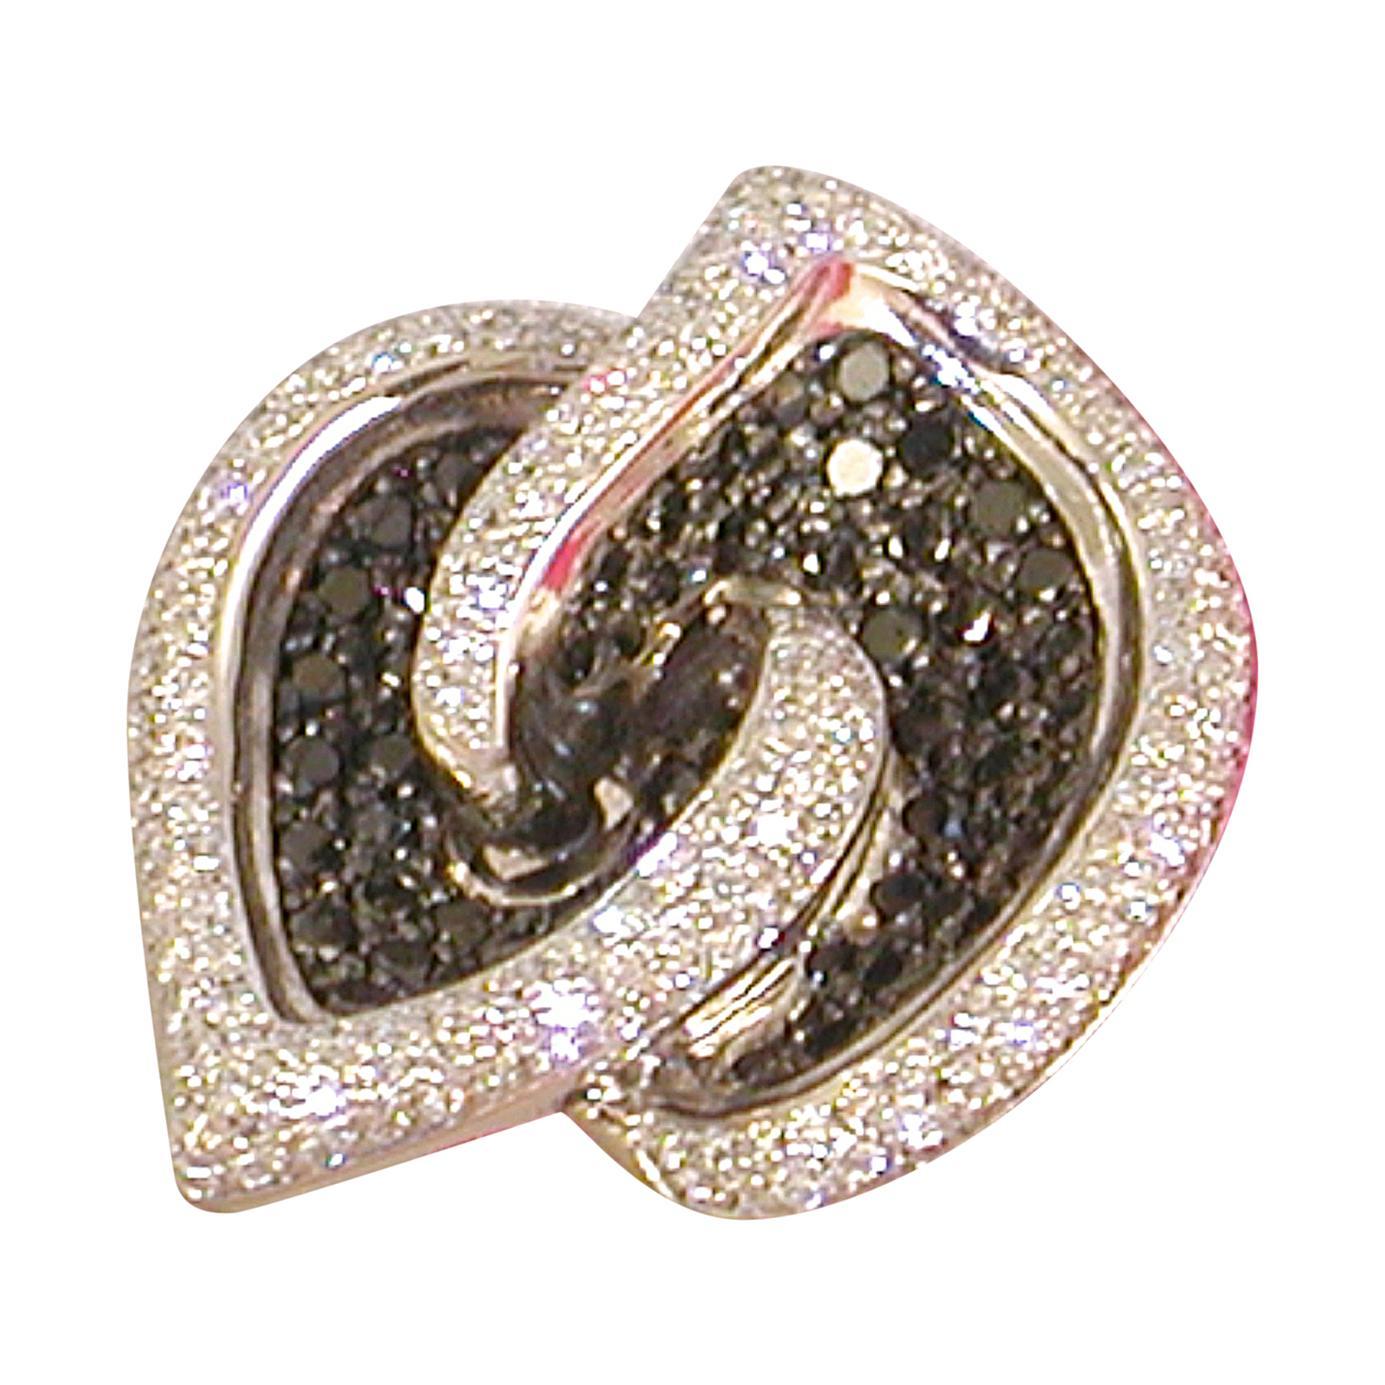 7.07 Carat White Gold Black Diamond Cocktail Ring